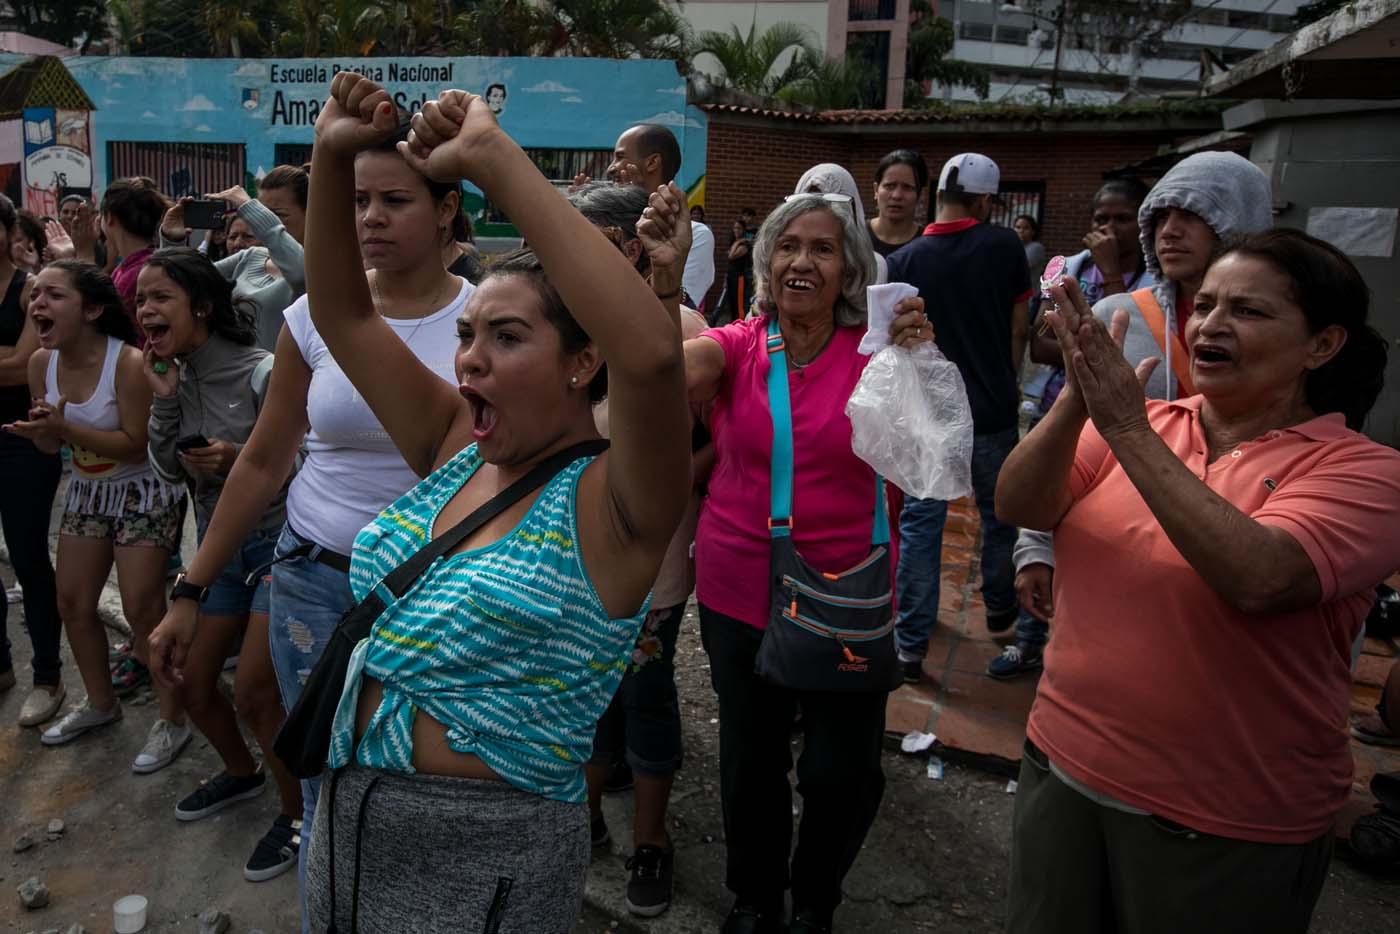 CAR12 - CARACAS (VENEZUELA), 02/06/2017 - Un grupo de personas participa en una manifestación hoy, viernes 02 de junio de 2017, en Caracas (Venezuela). Los habitantes del populoso barrio de La Vega, ubicado en el oeste de Caracas, madrugaron hoy para protestar por la escasez de alimentos, mientras que las calles aledañas al canal estatal VTV en el este de la ciudad fueron cerradas por organismos de seguridad para evitar la llegada de manifestantes. EFE/MIGUEL GUTIÉRREZ